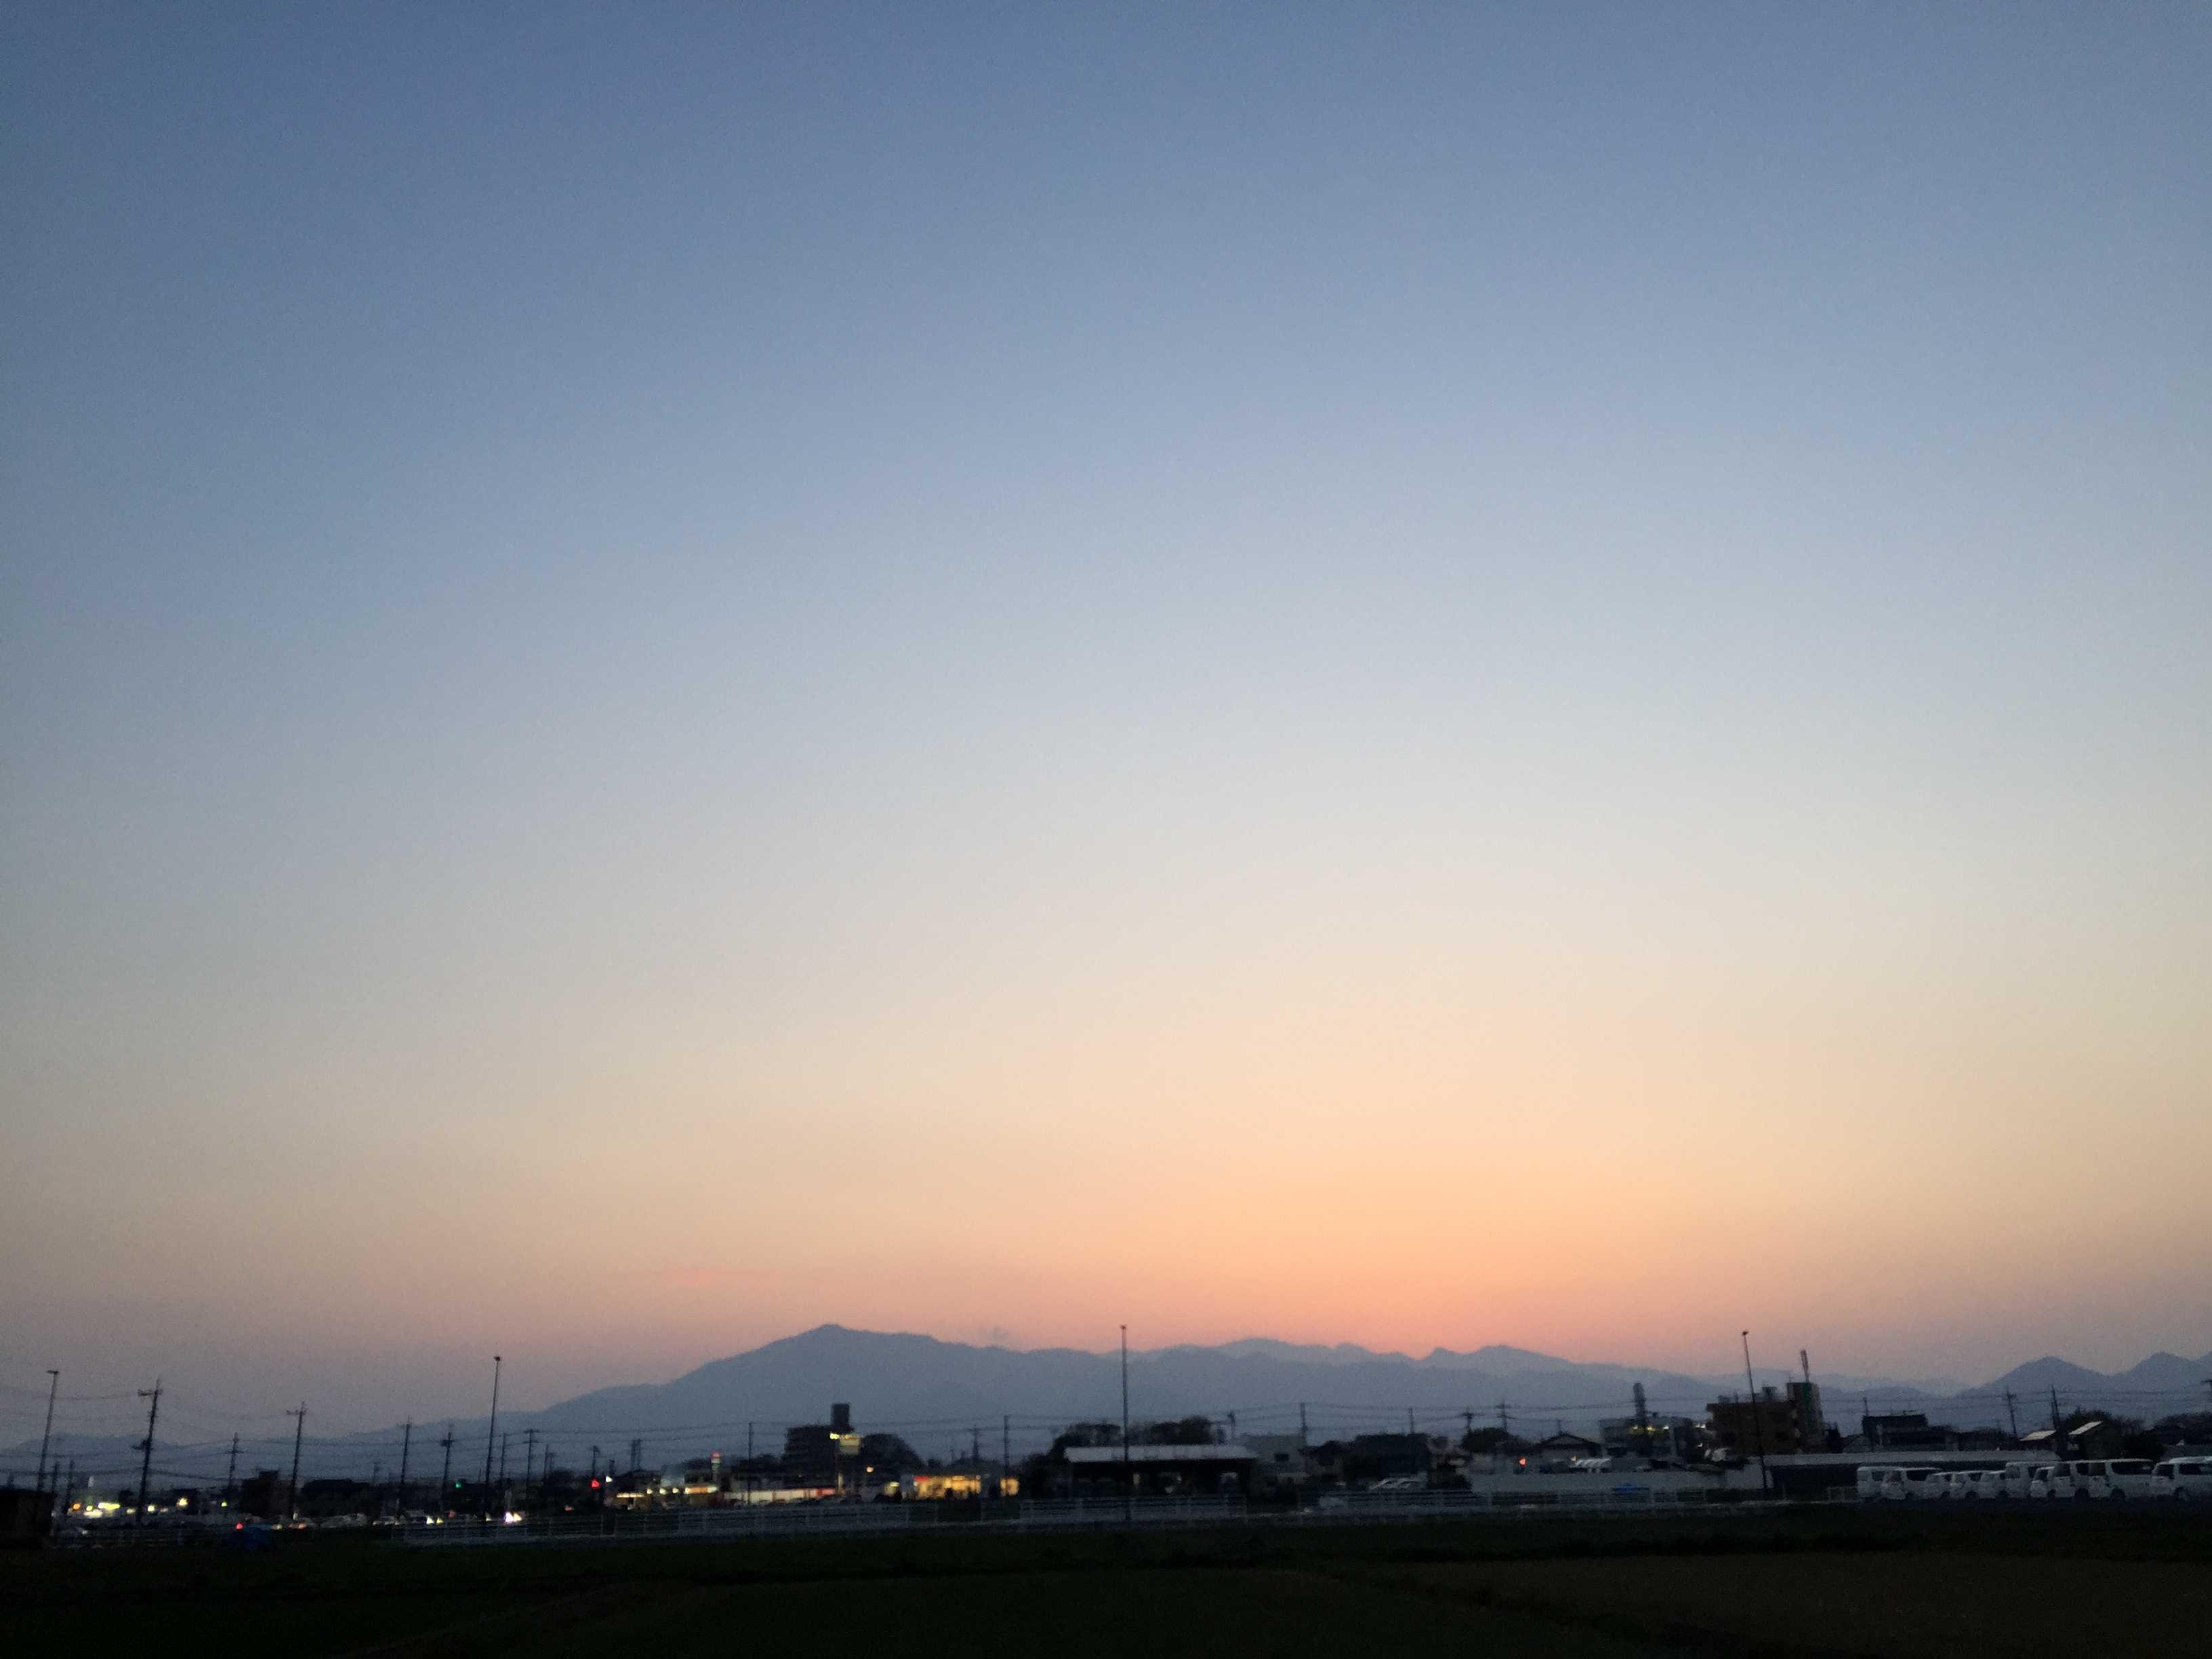 海老名駅前から見た丹沢山地の夕暮れ